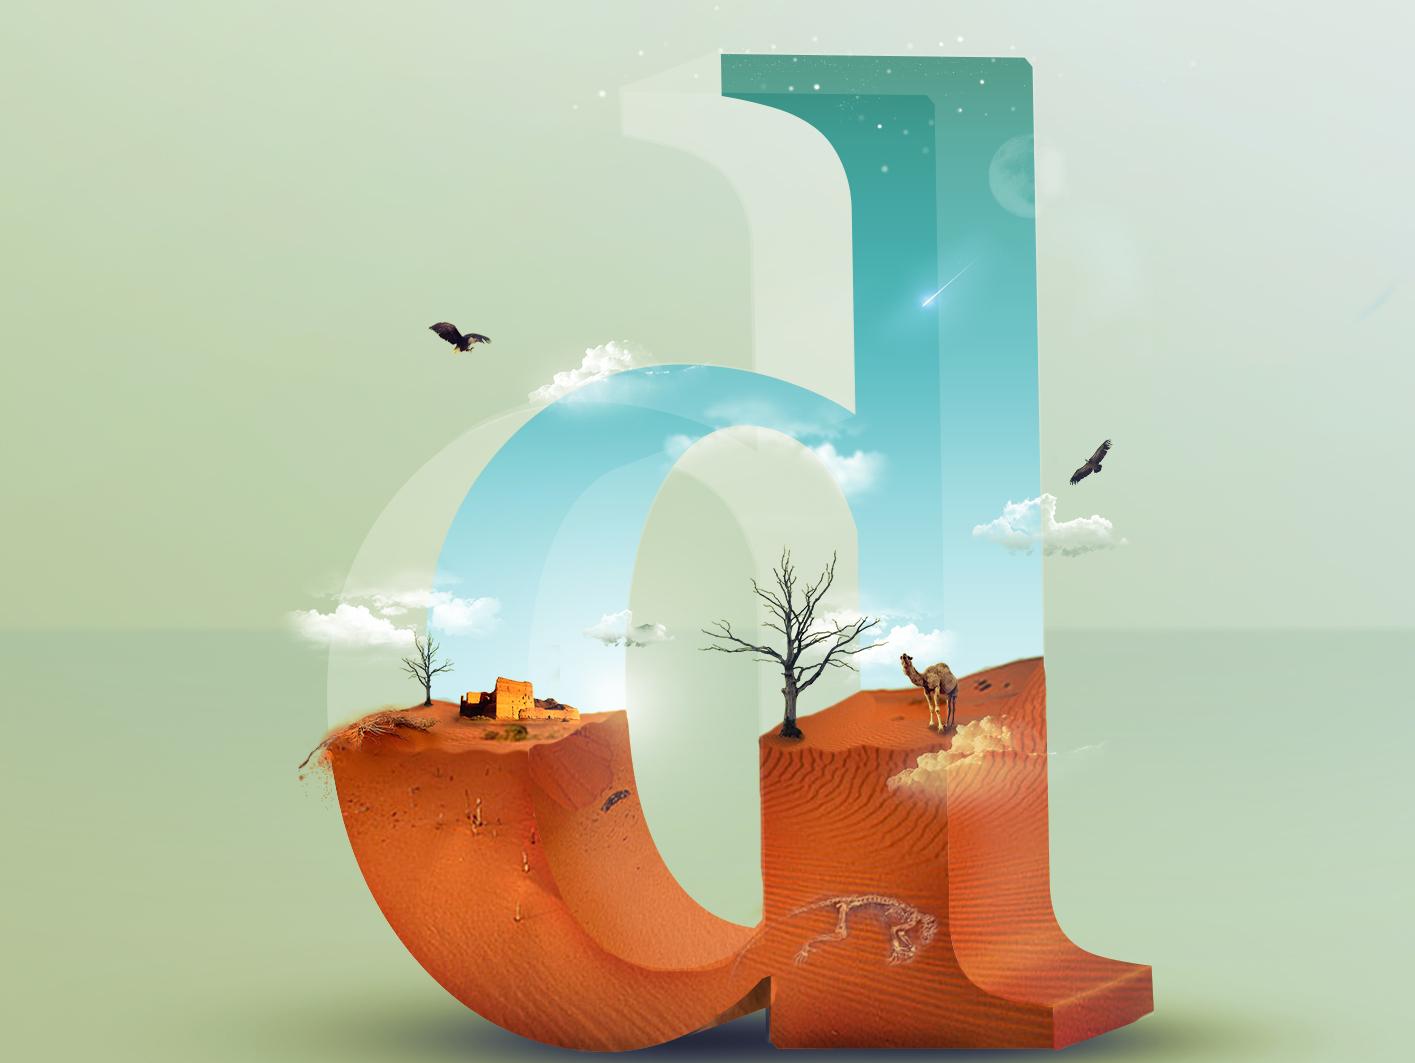 D letter d purpose photoshop art photoshop letters with purpose letters composition direction design creative art